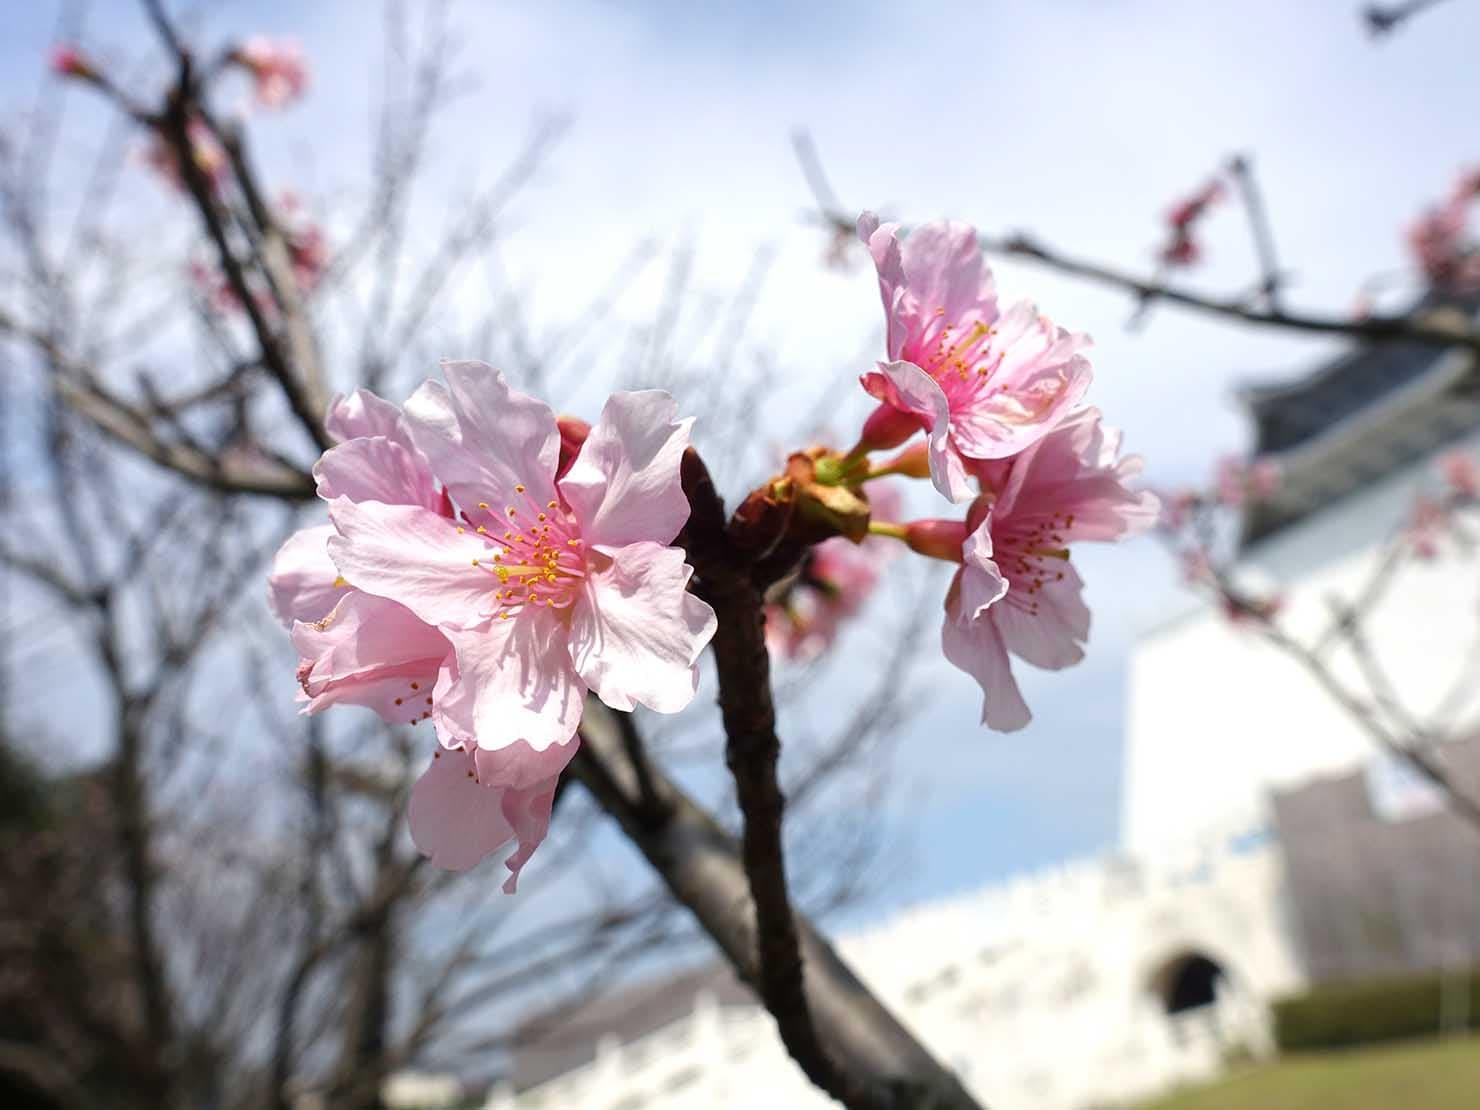 春節(旧正月)を迎えたの台北の観光スポット「中正紀念堂」に咲く桜